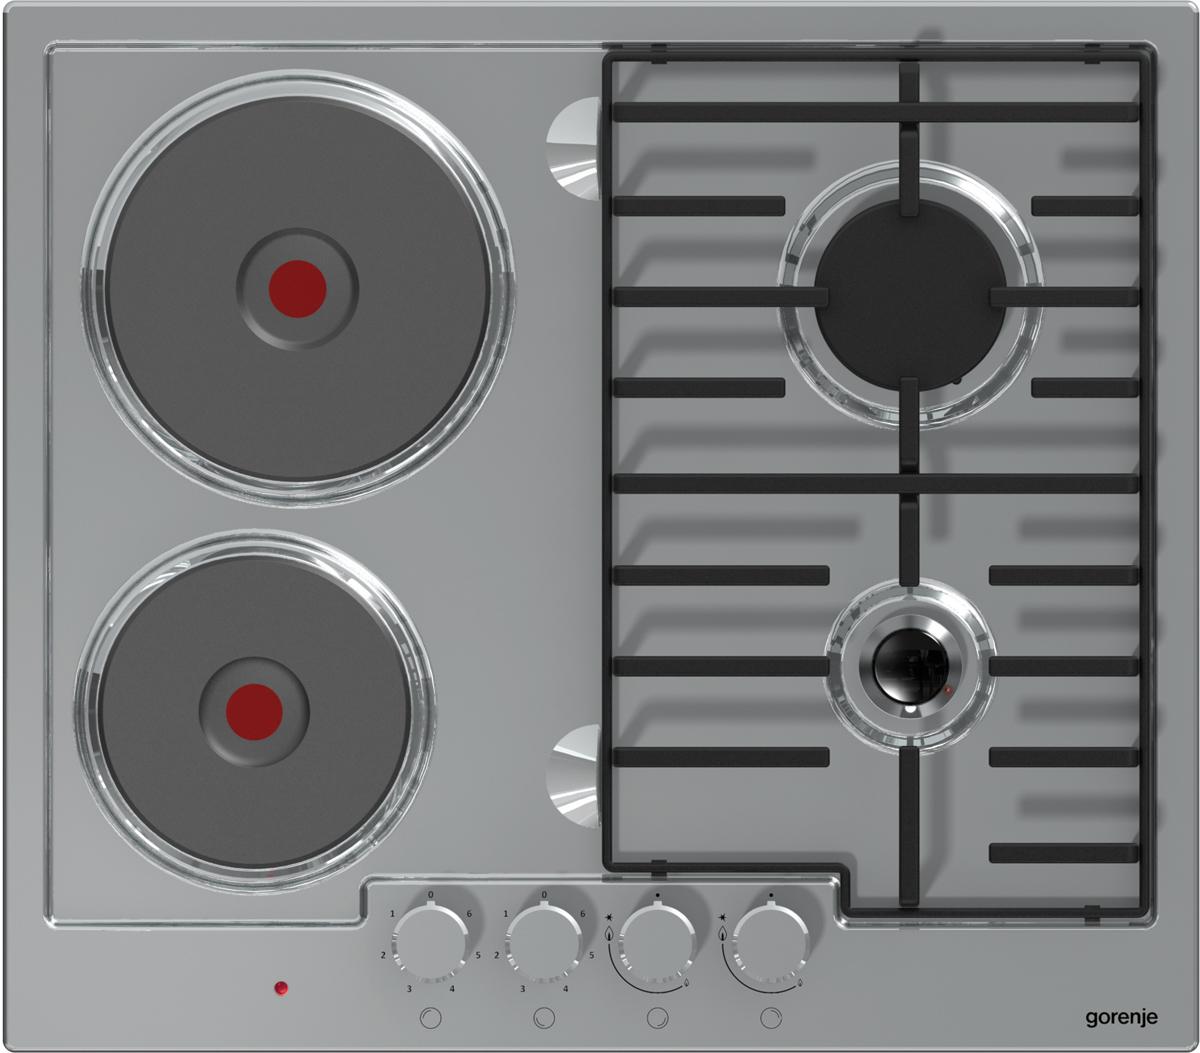 Варочная панель Gorenje, комбинированная, встраиваемая, K6N20IX Gorenje